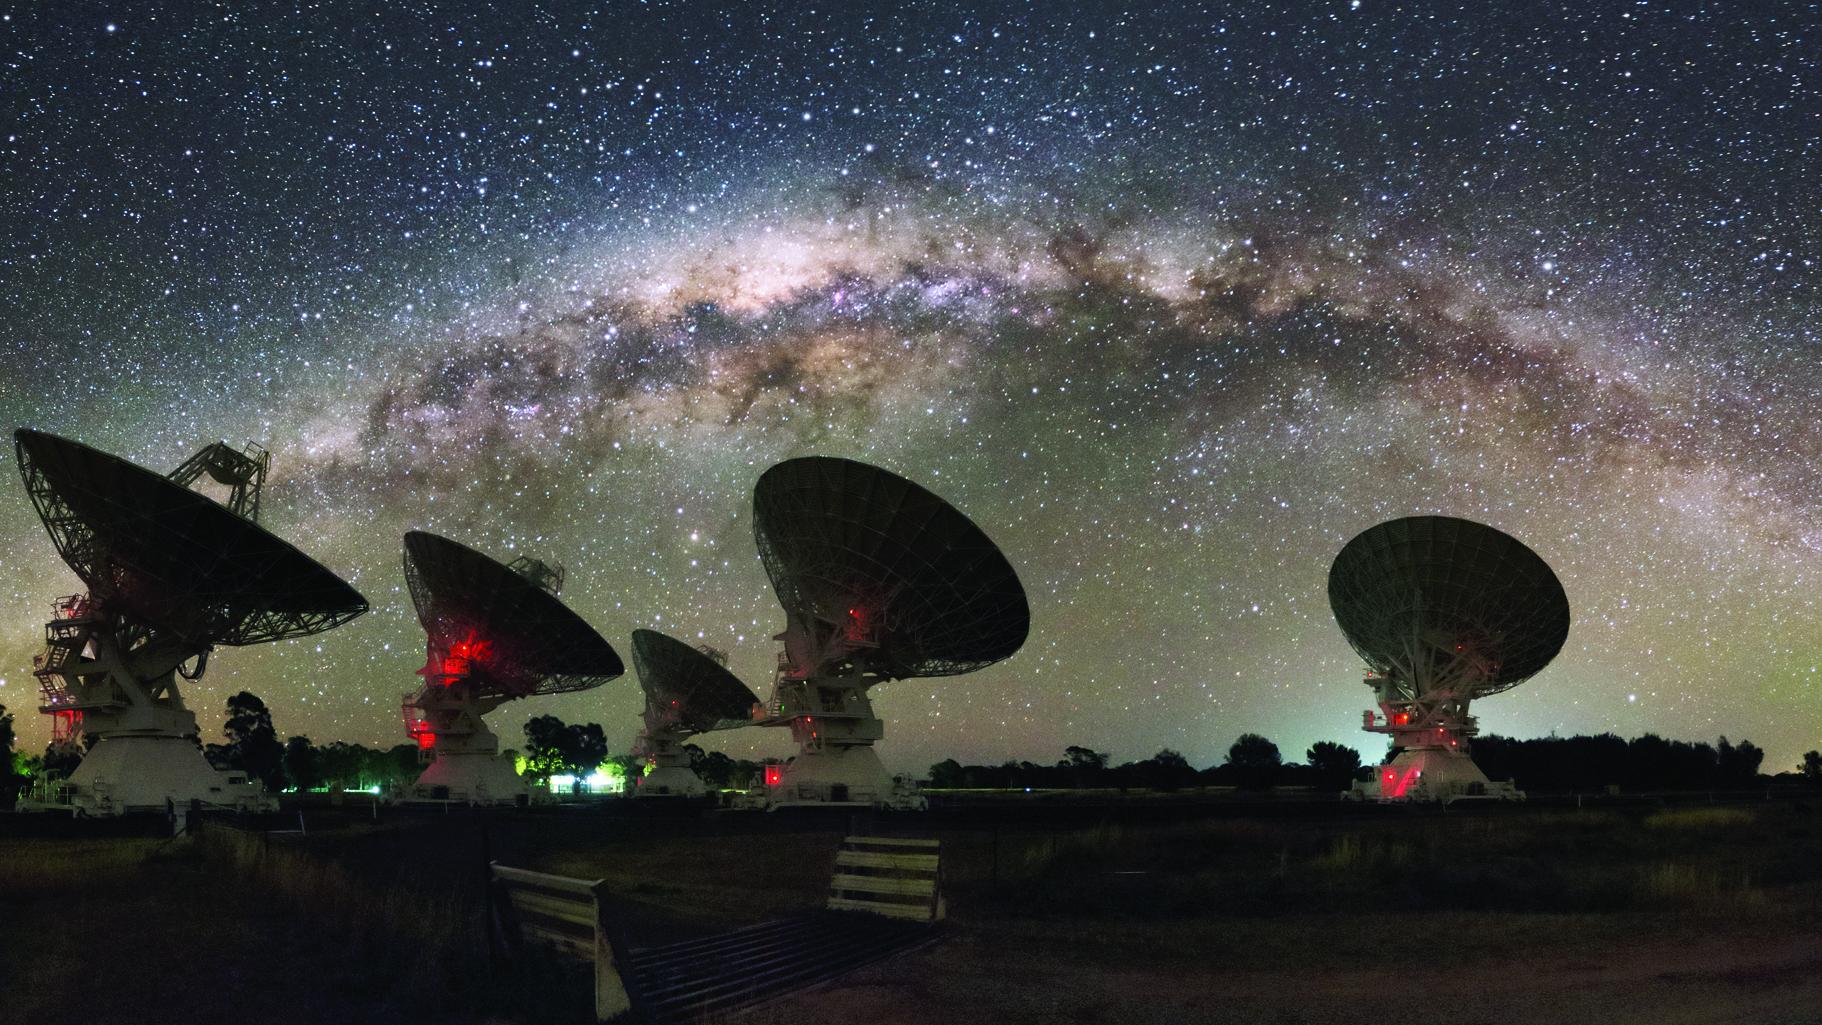 Blitznachricht aus einer fernen Galaxie